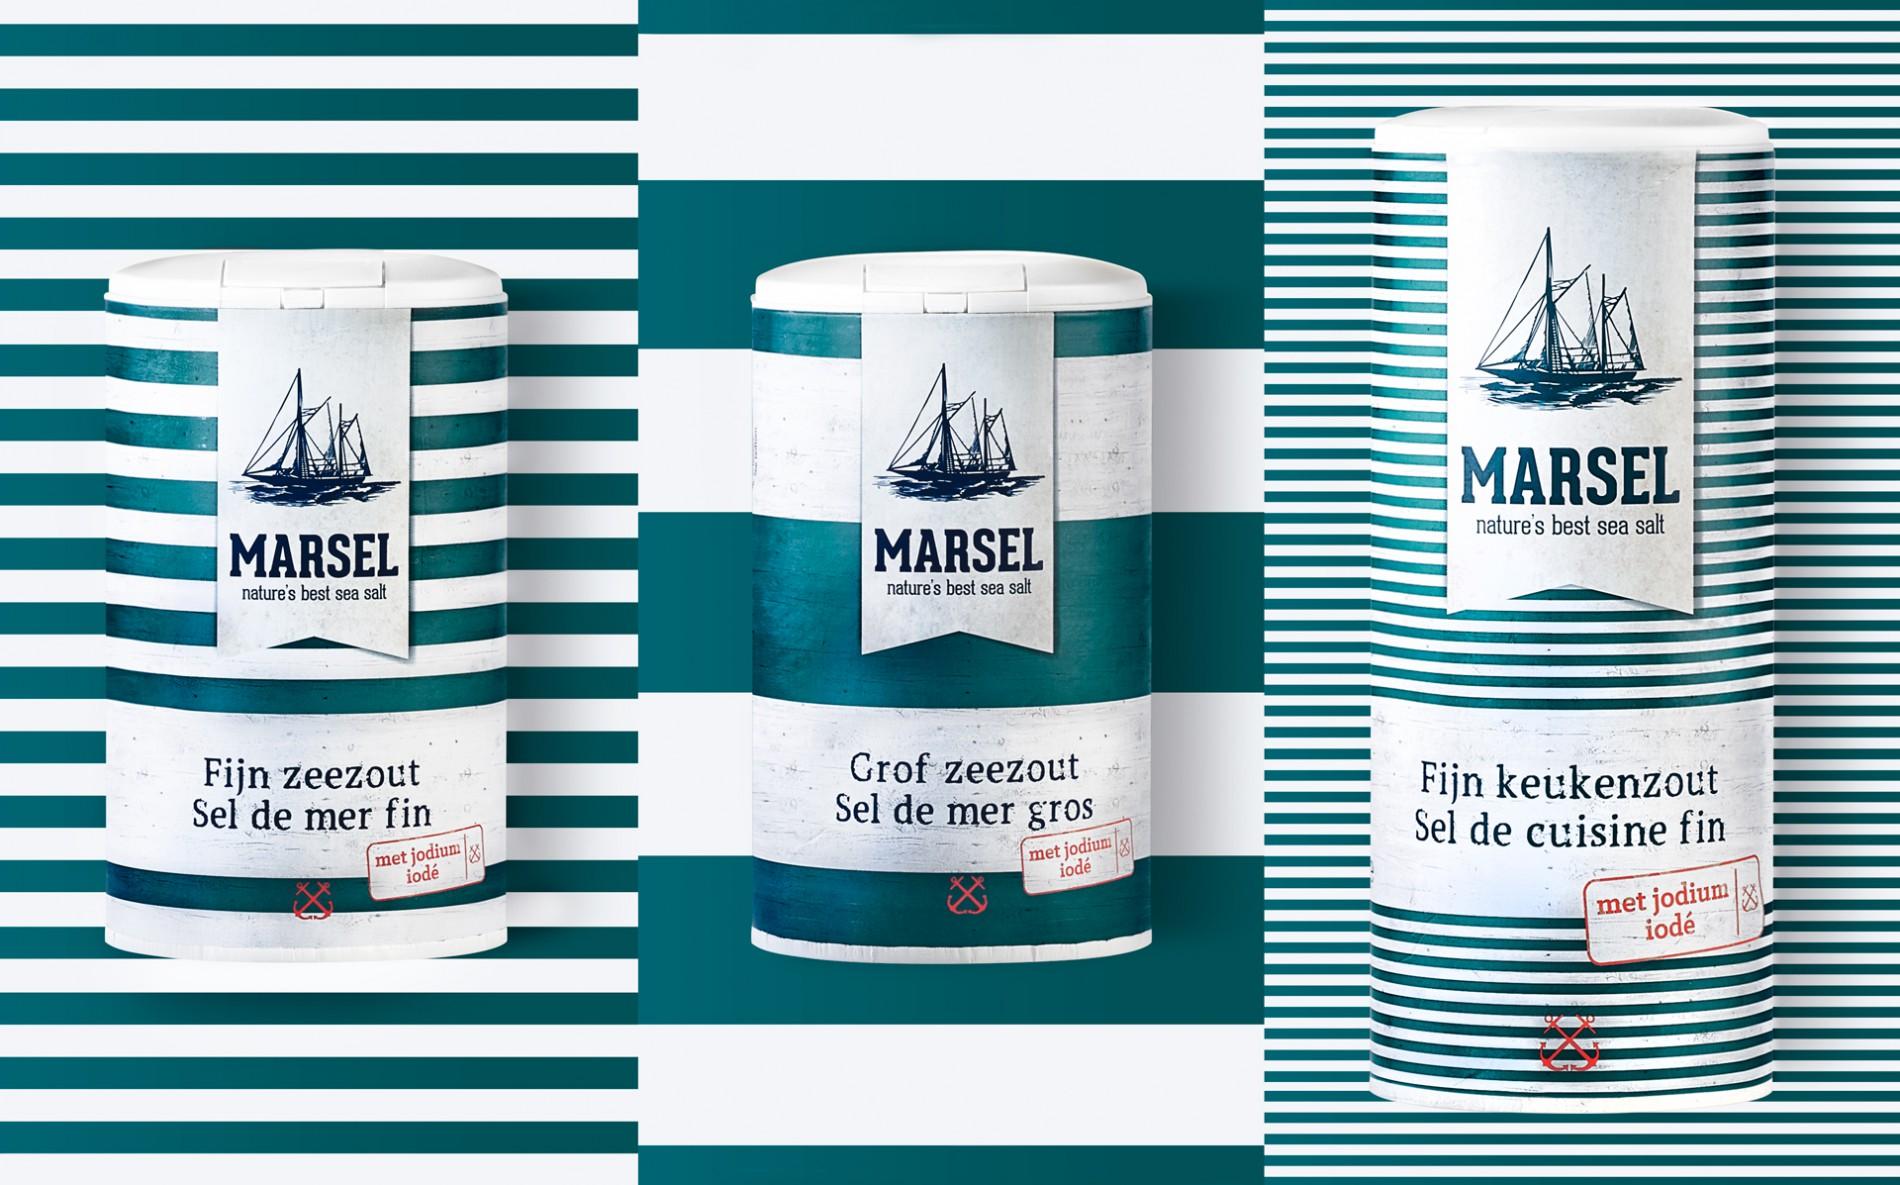 Quatre Mains package design - Package design zoutman, salt, quatremains